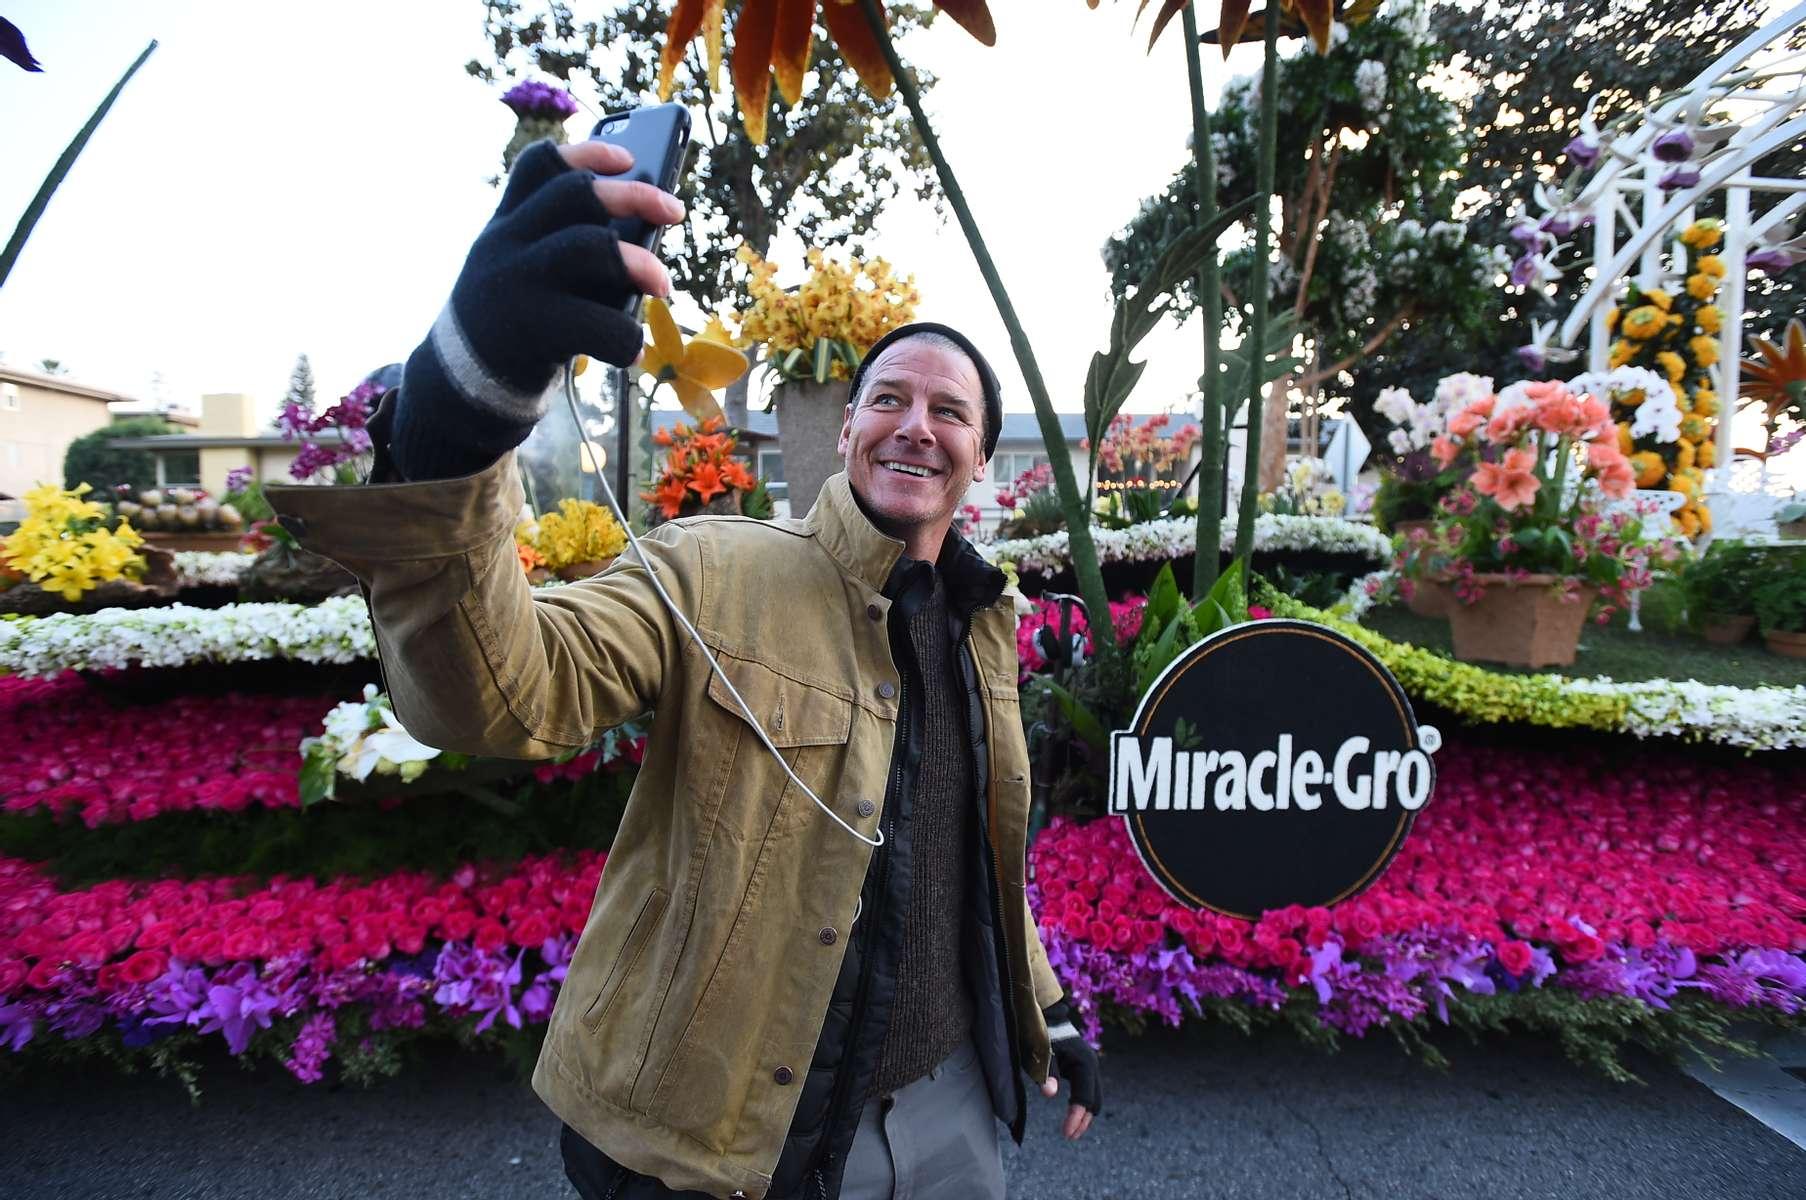 ... Monday, Jan. 1, 2018 in Pasadena, Calif. (Jordan Strauss/AP Images for Scotts Miracle-Gro)